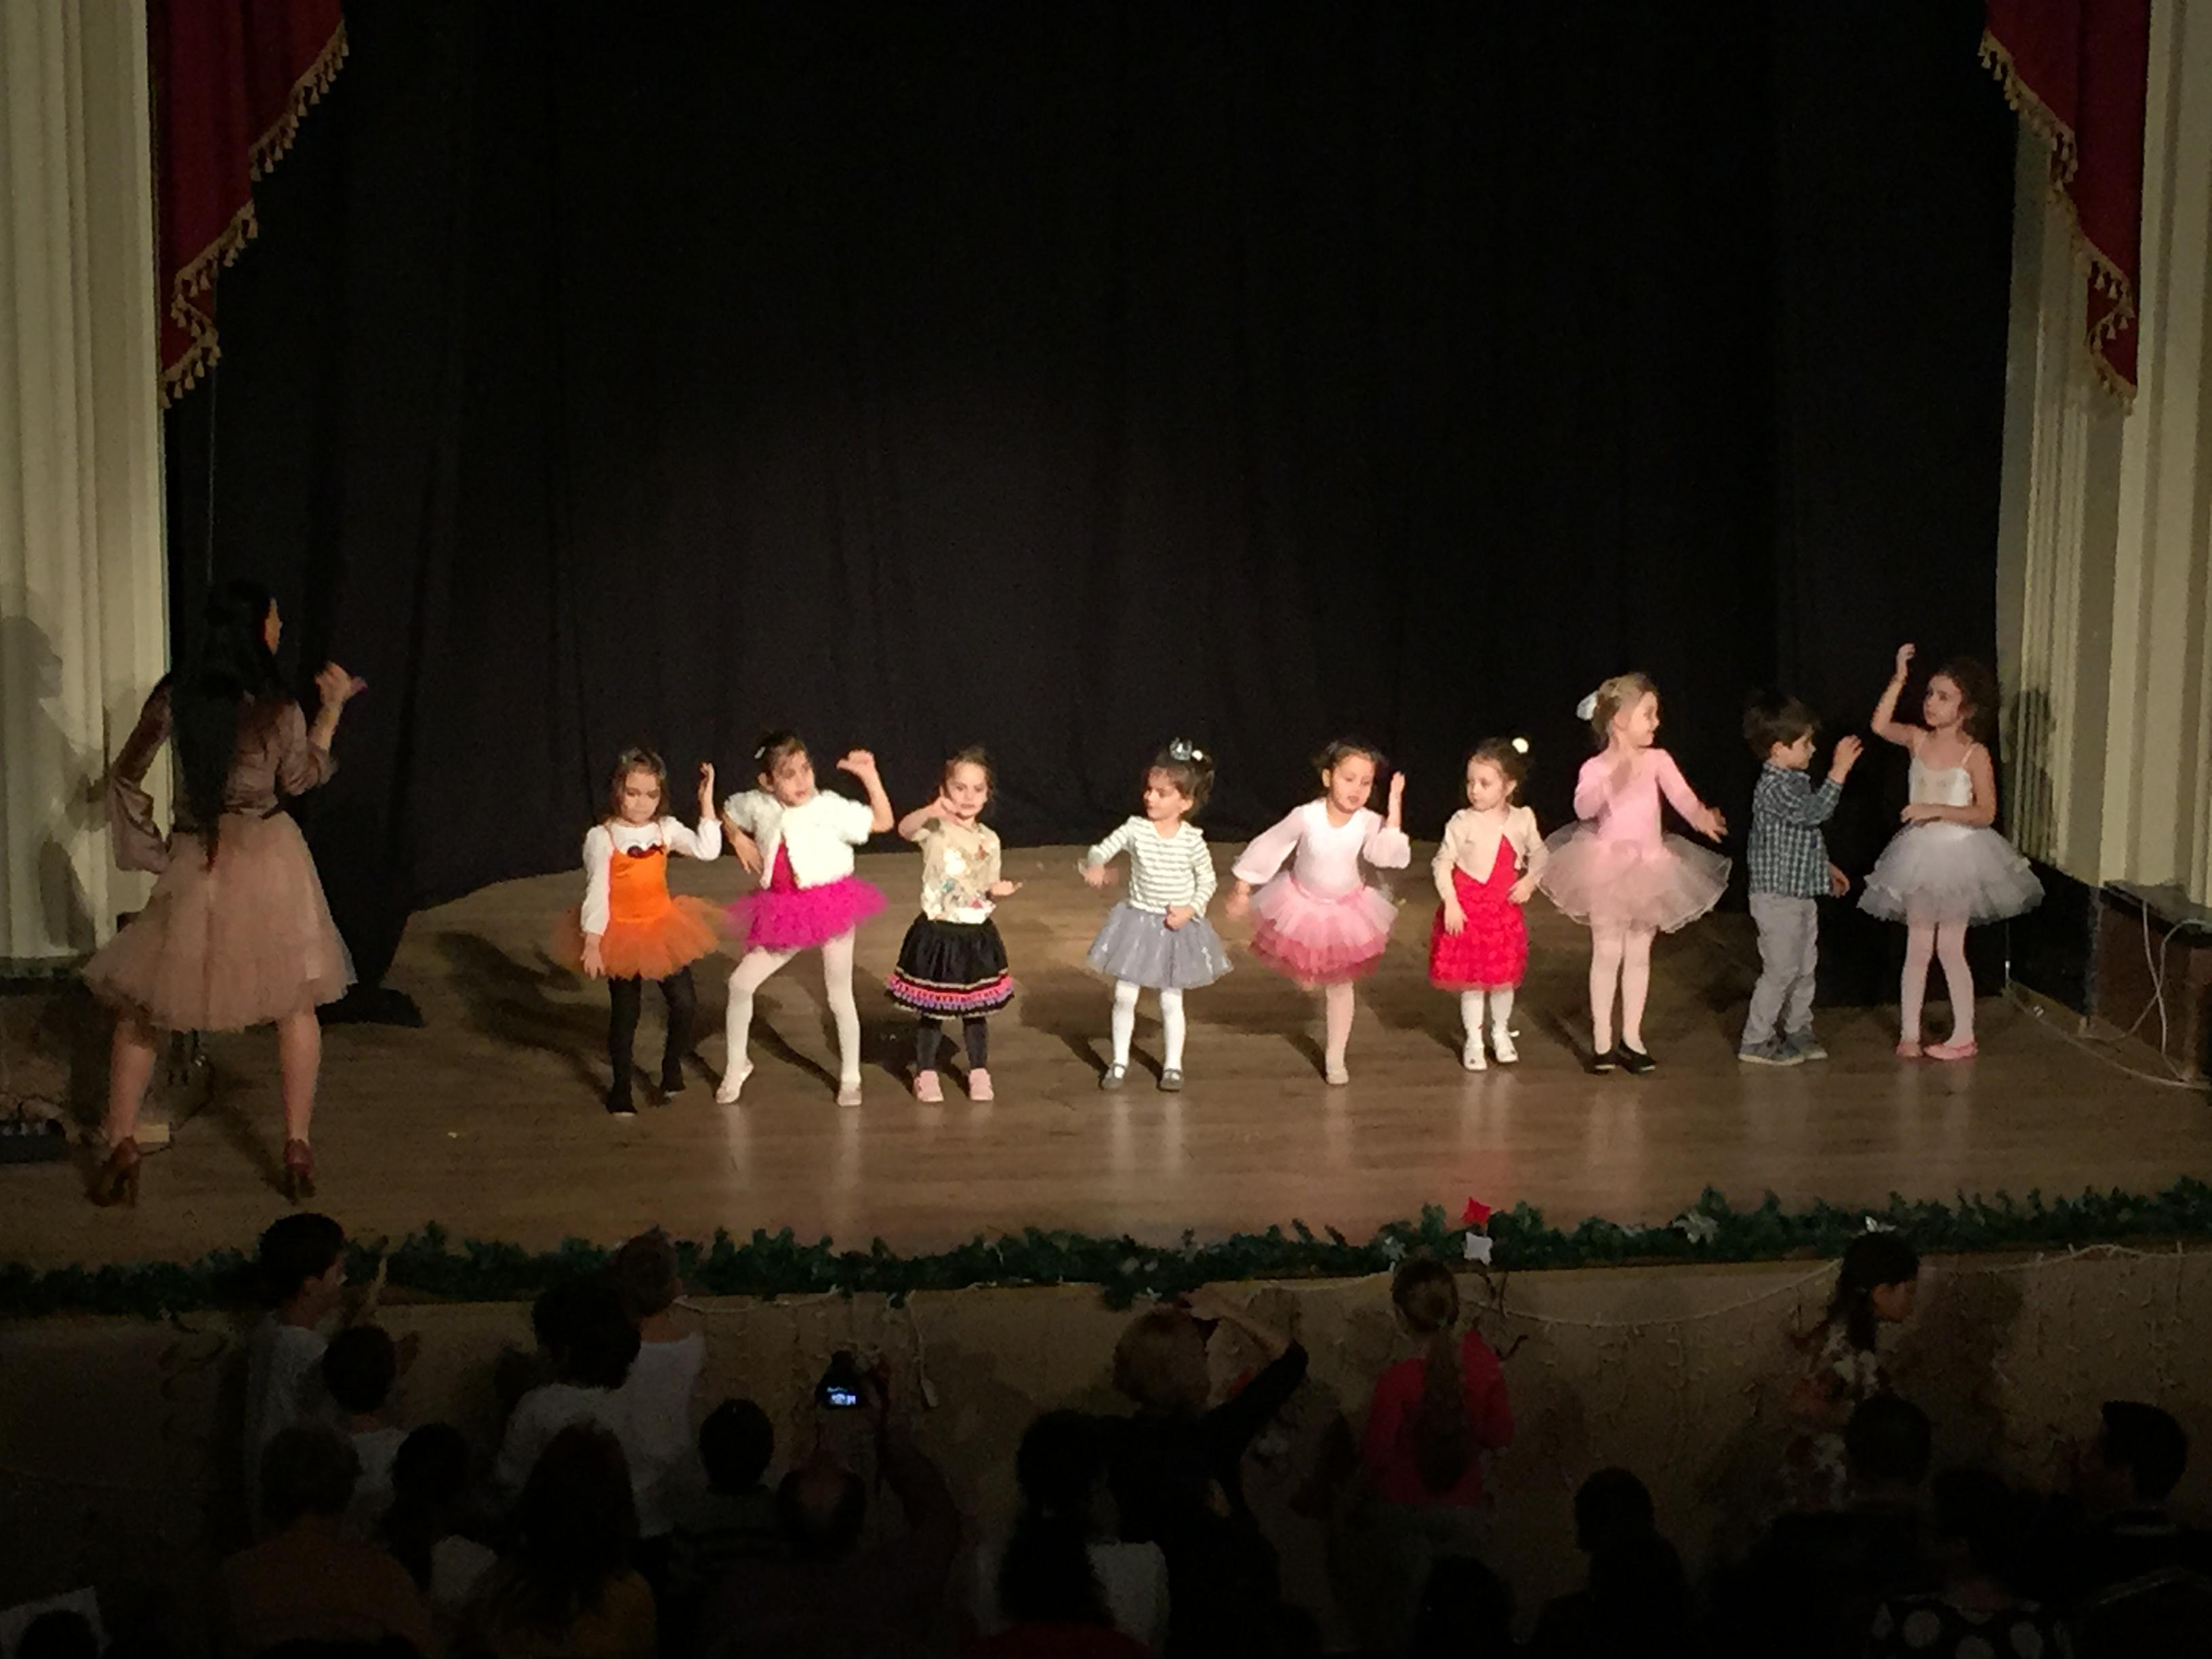 balet-festivalul-criss-dance-2